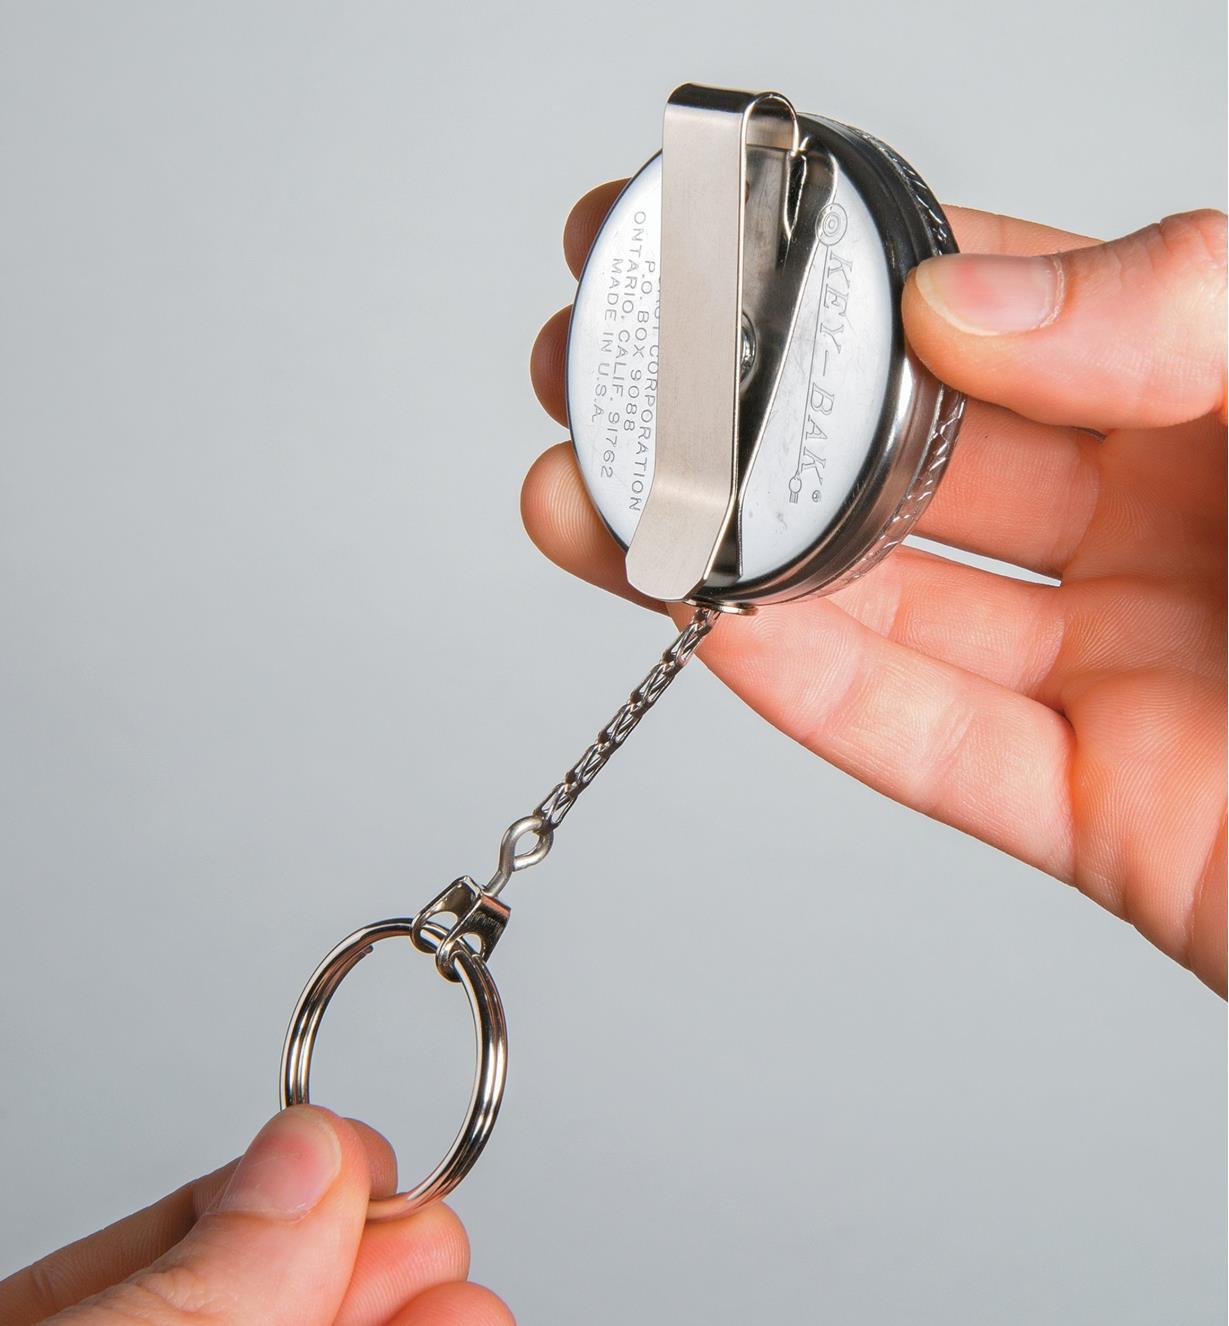 45K0720 - Porte-clés enrouleur classique Key-Bak